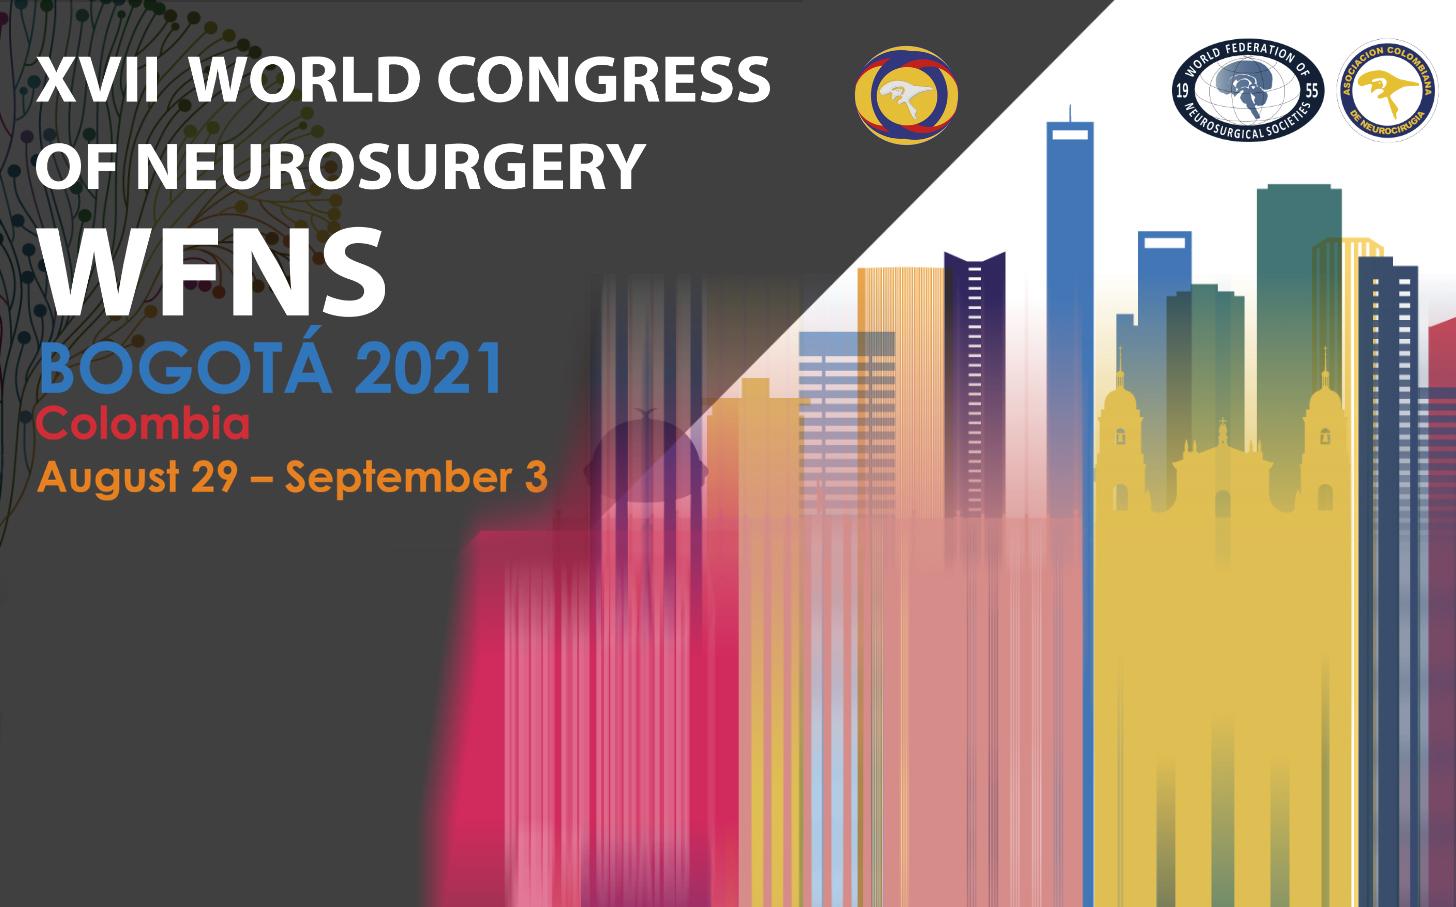 WFNS WORLD Congress of Neurosurgery